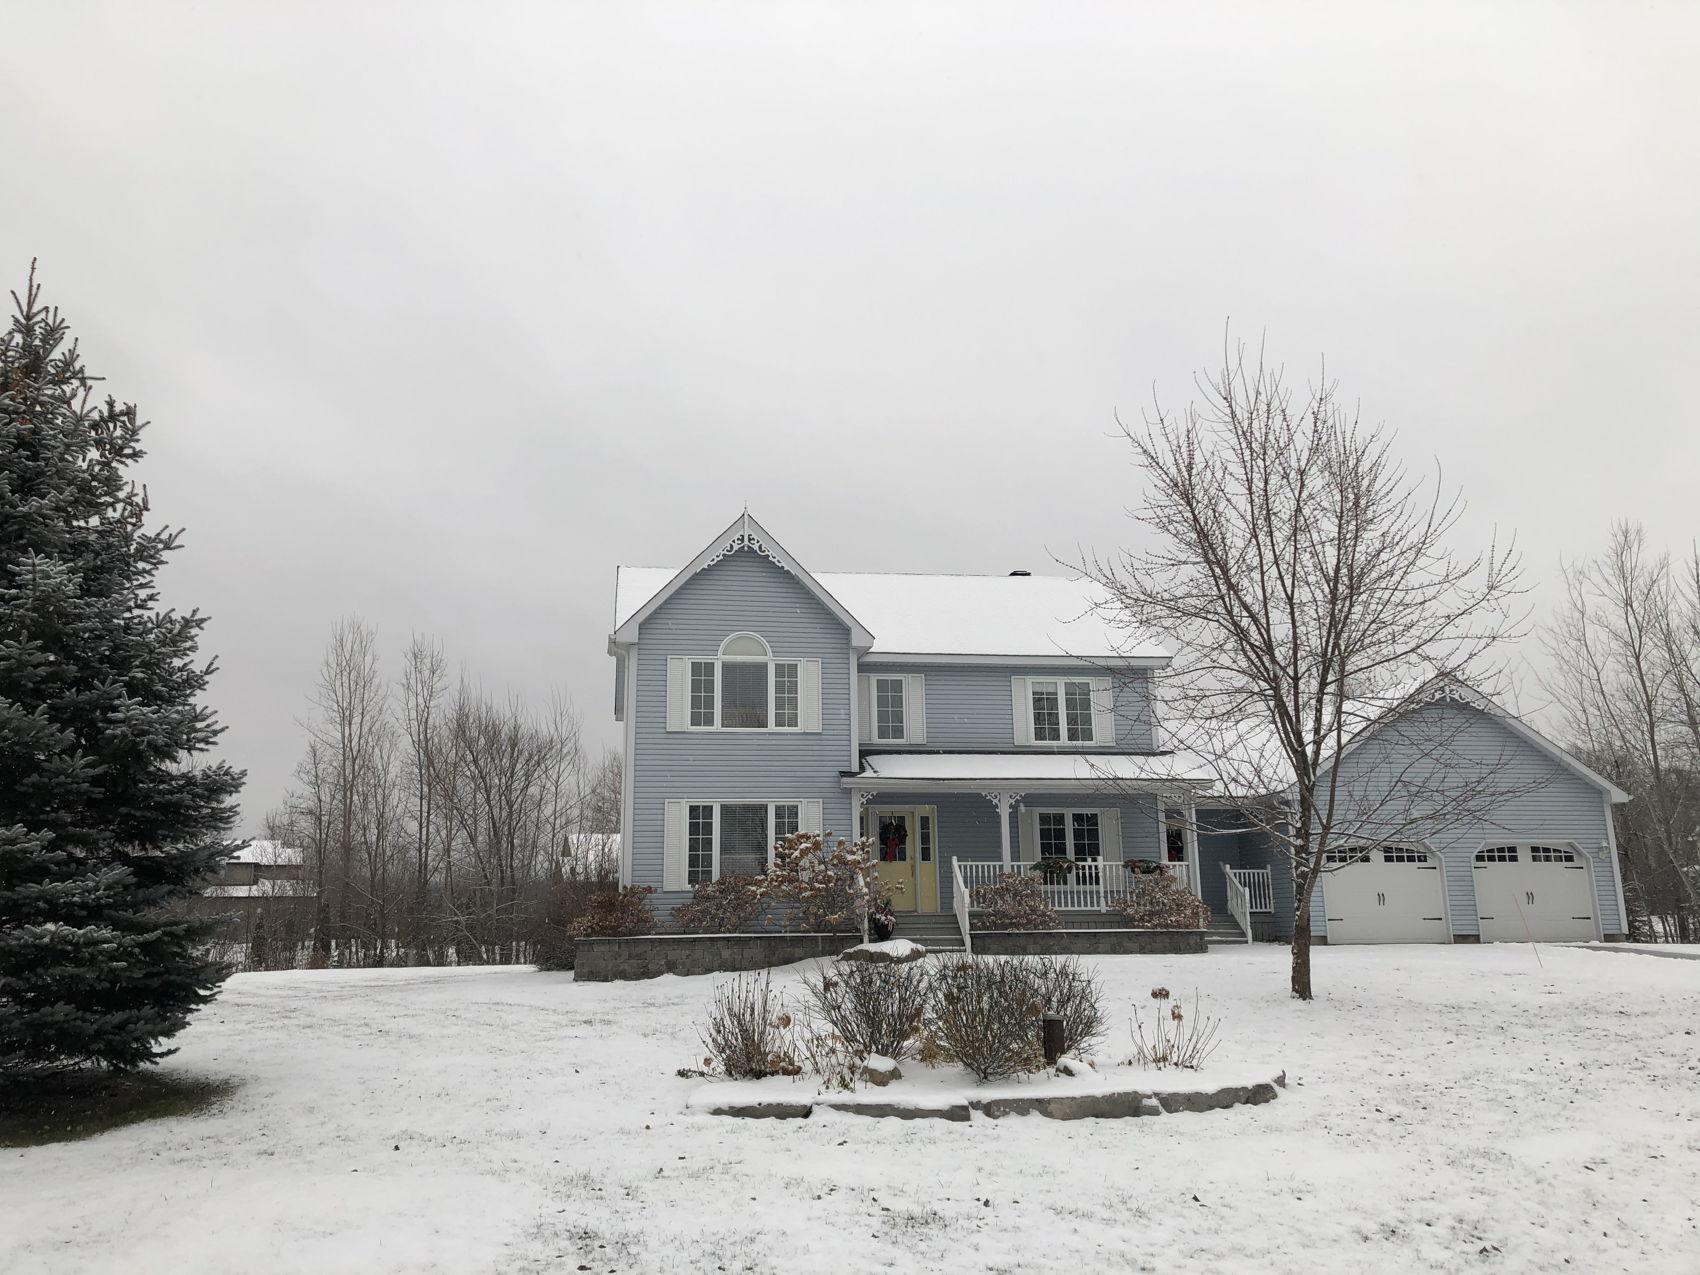 IMG-4359 Full house winter.jpg